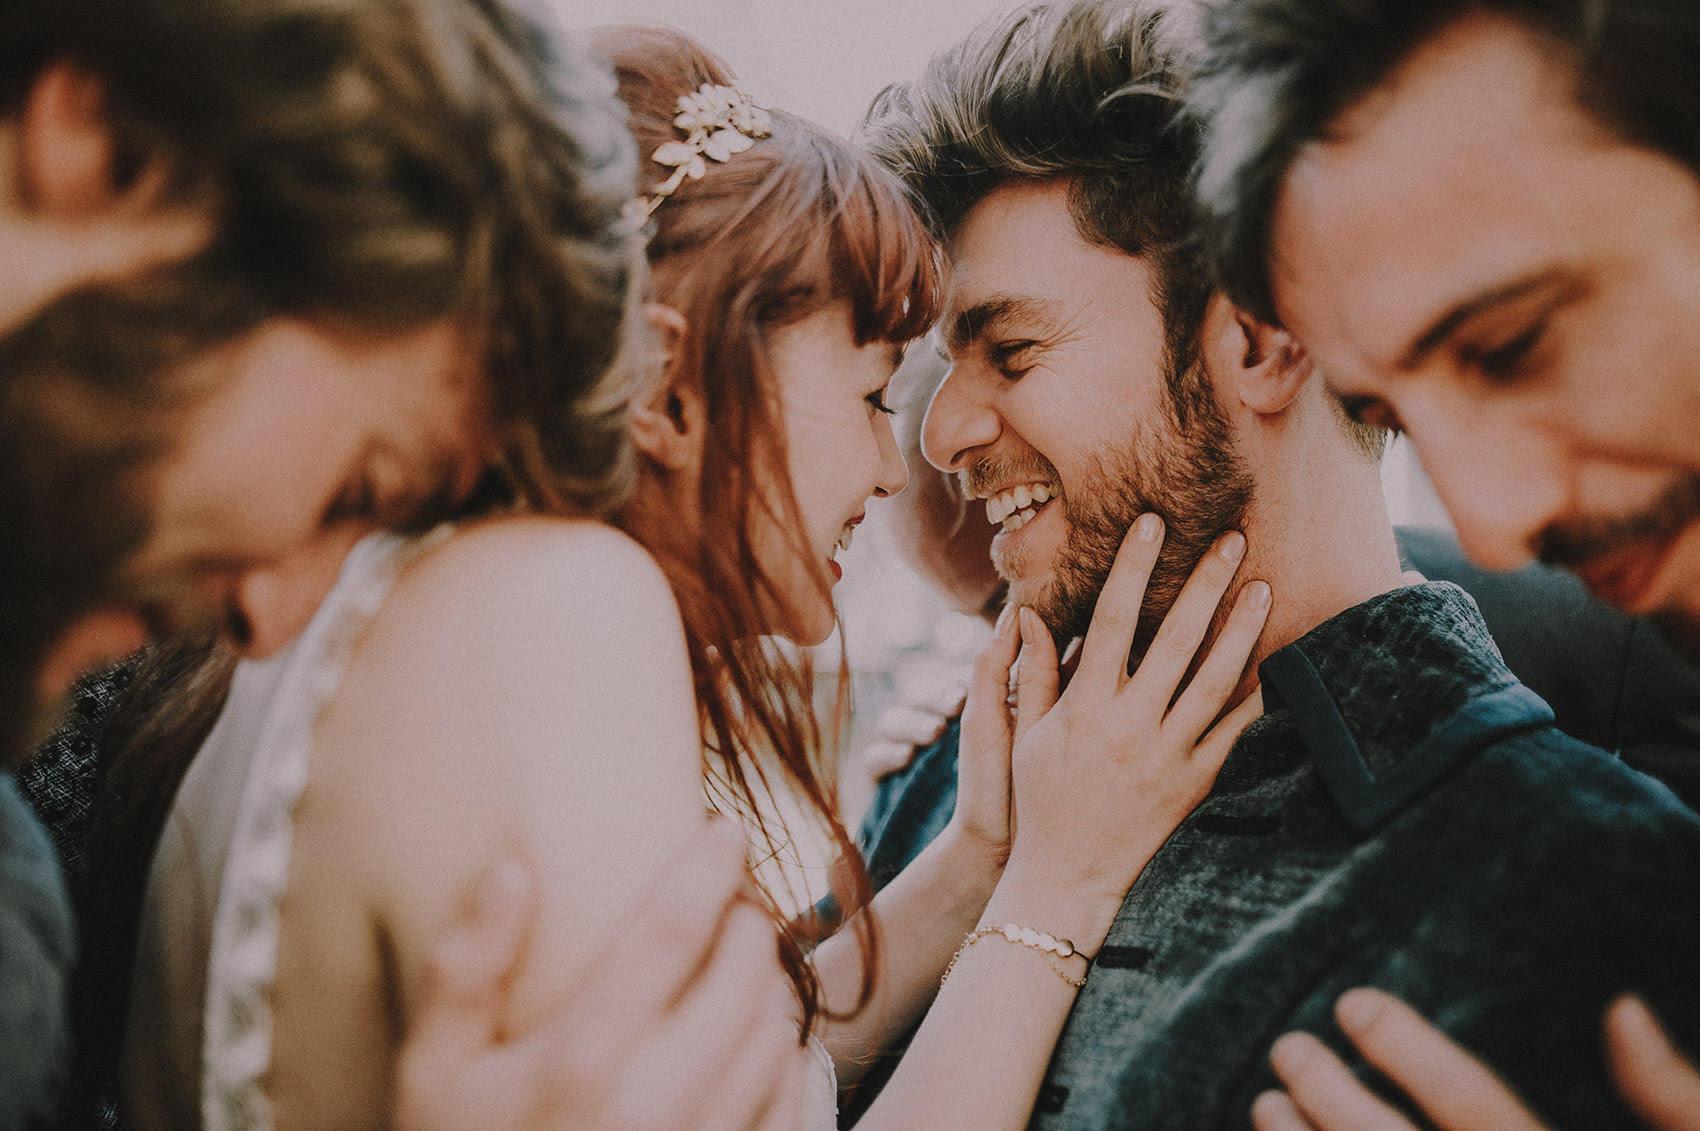 Un mariage avec une cérémonie laïque, la tendance actuelle.